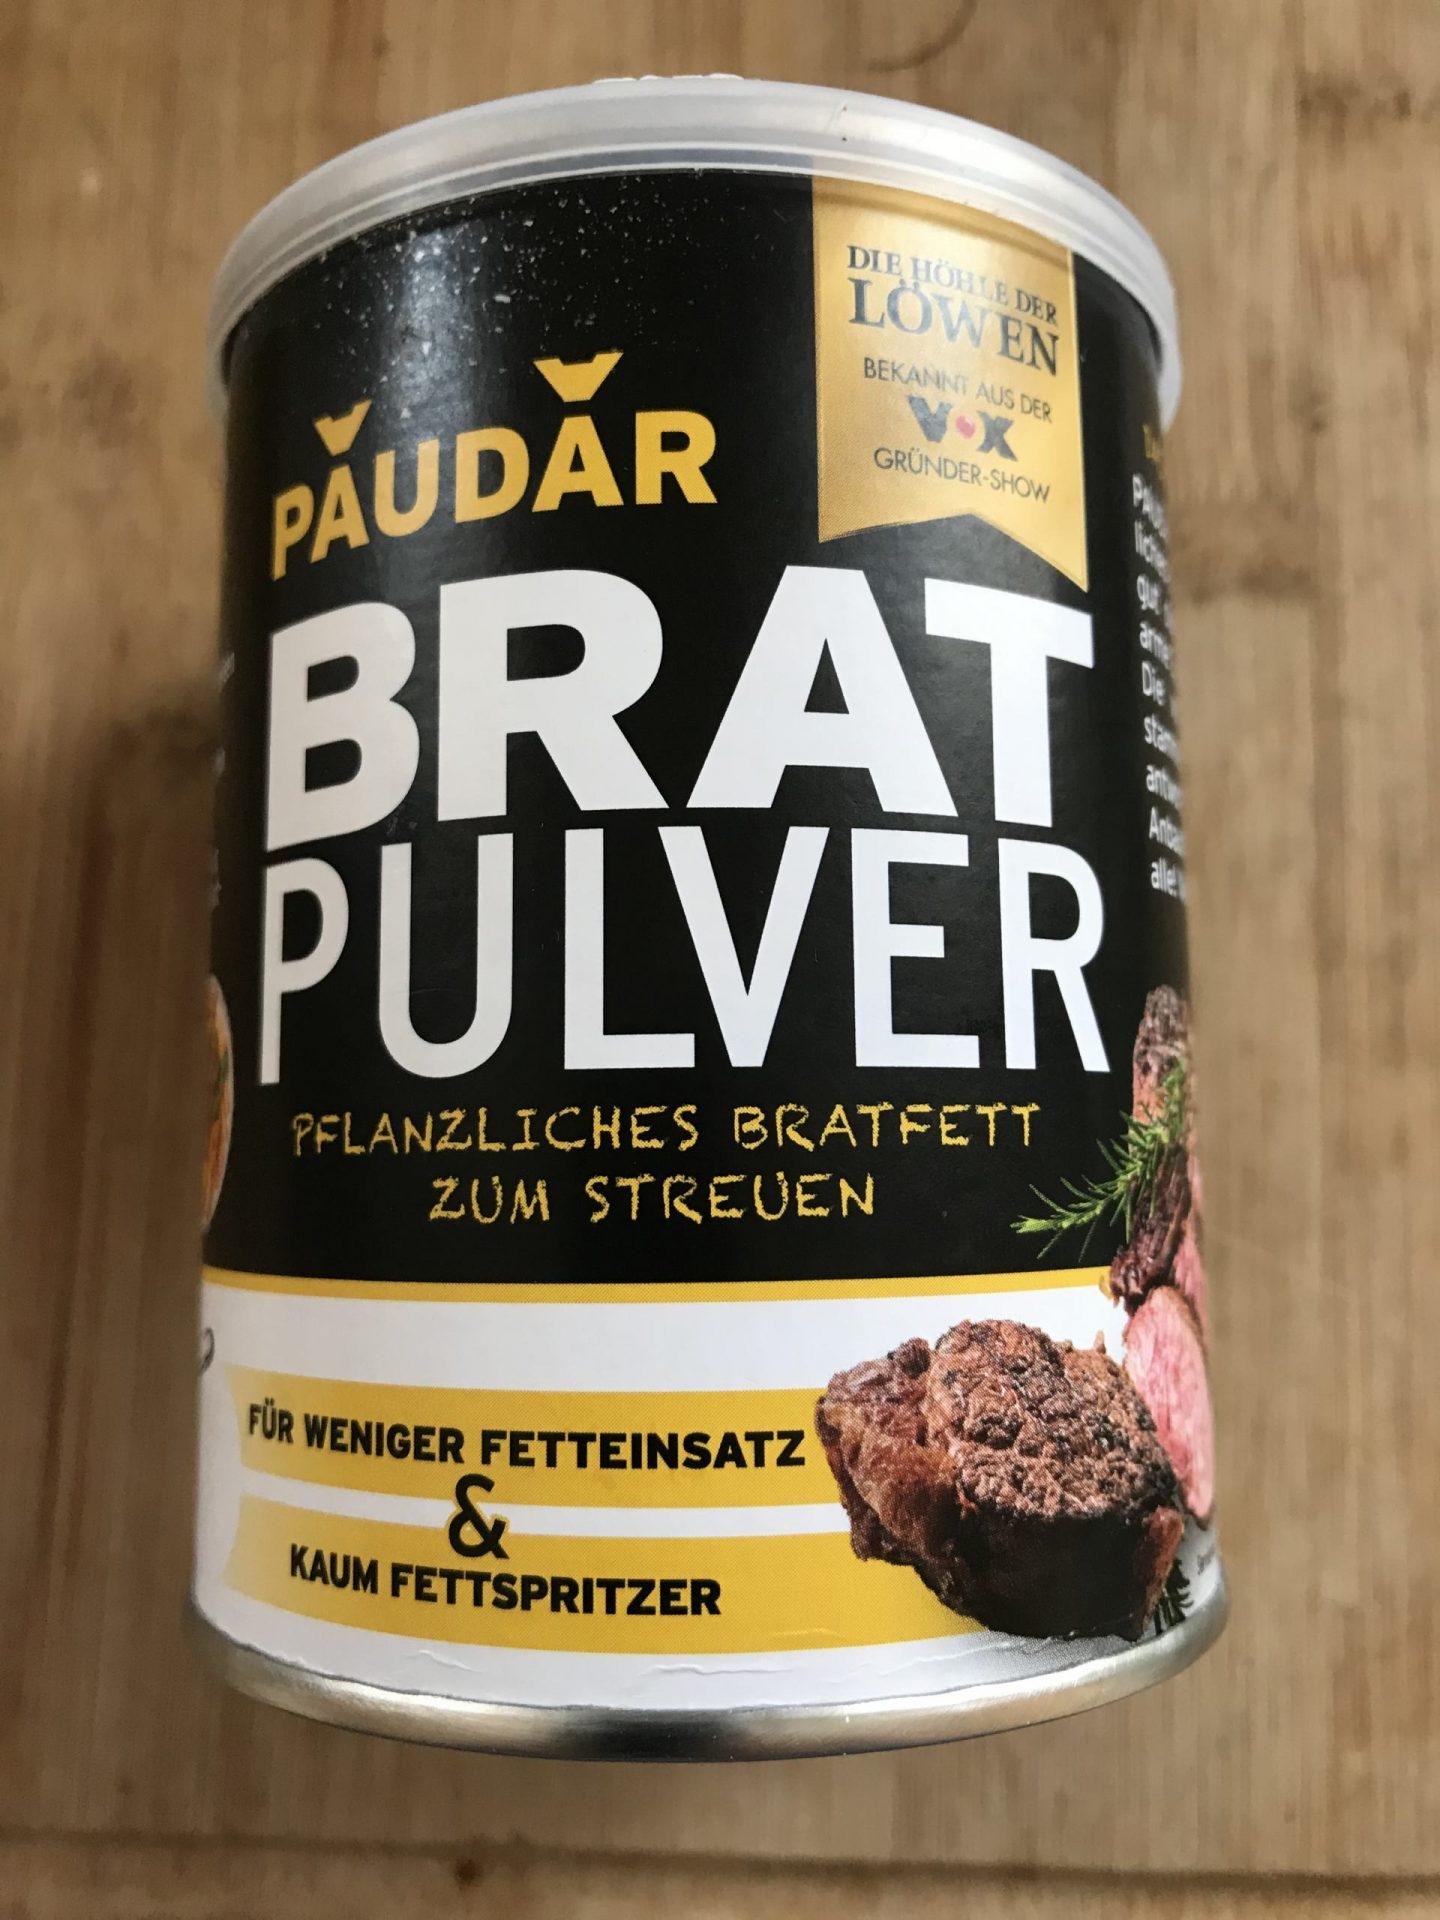 Foodnews Erfahrung Test Paudar Bratpulver Höhle der Löwen Foodblog Sternestulle